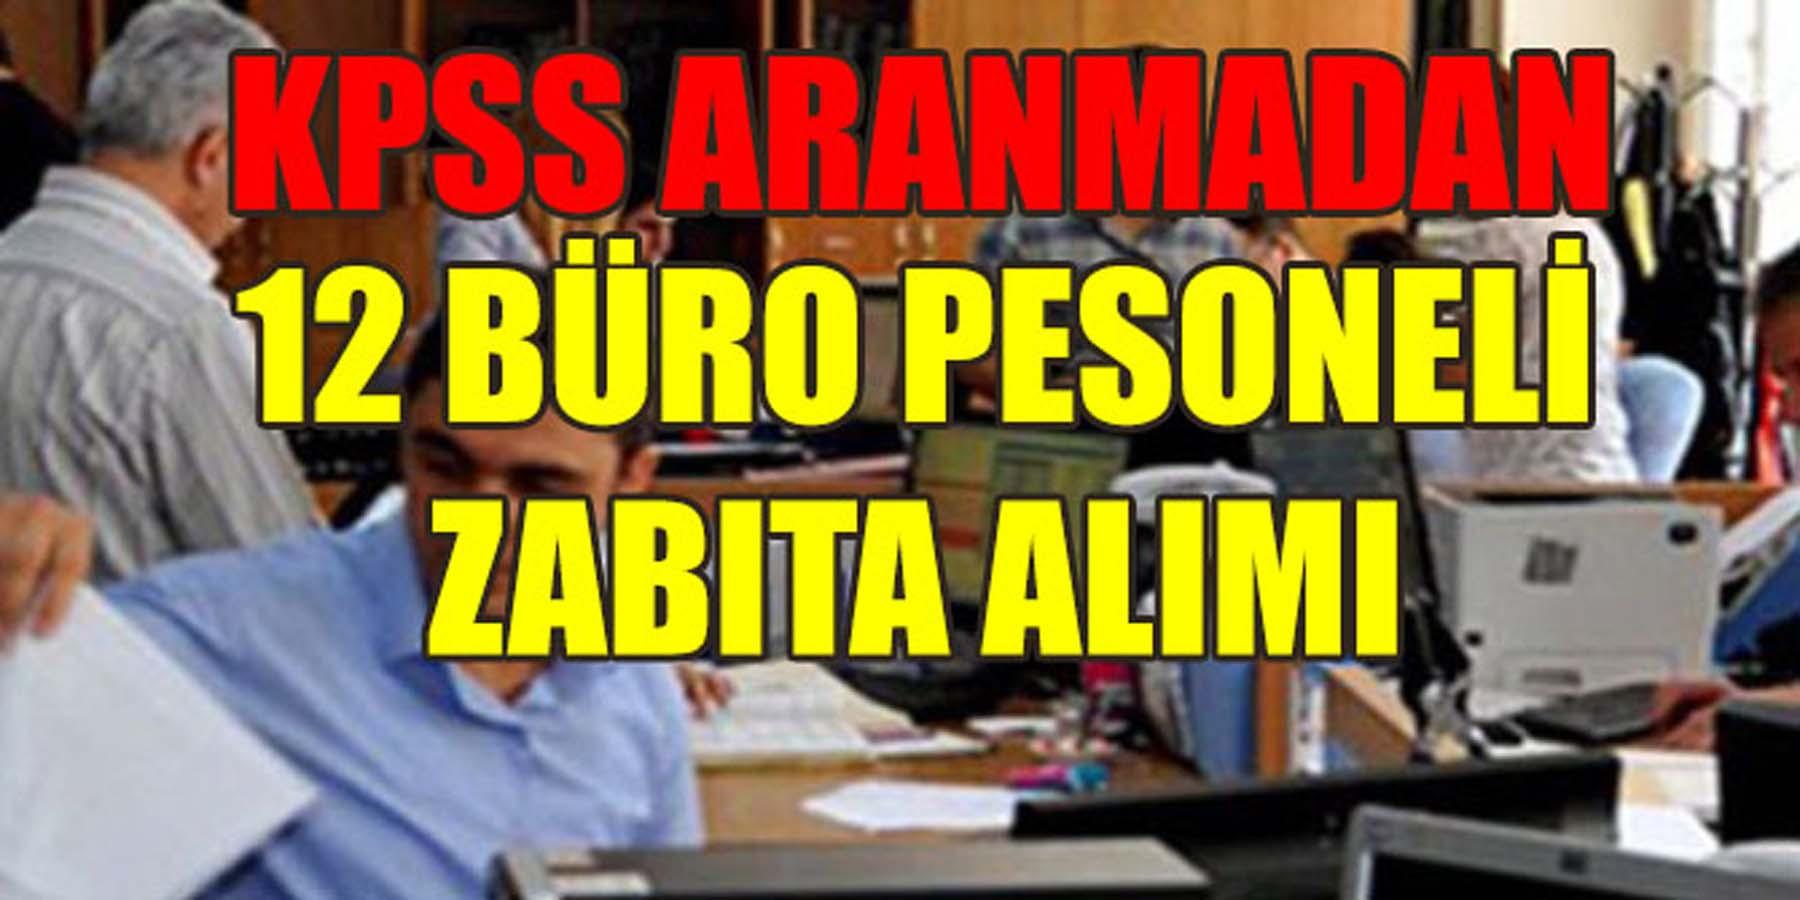 KPSS Aranmadan 12 Büro Personeli ve Zabıta Memuru Alımı